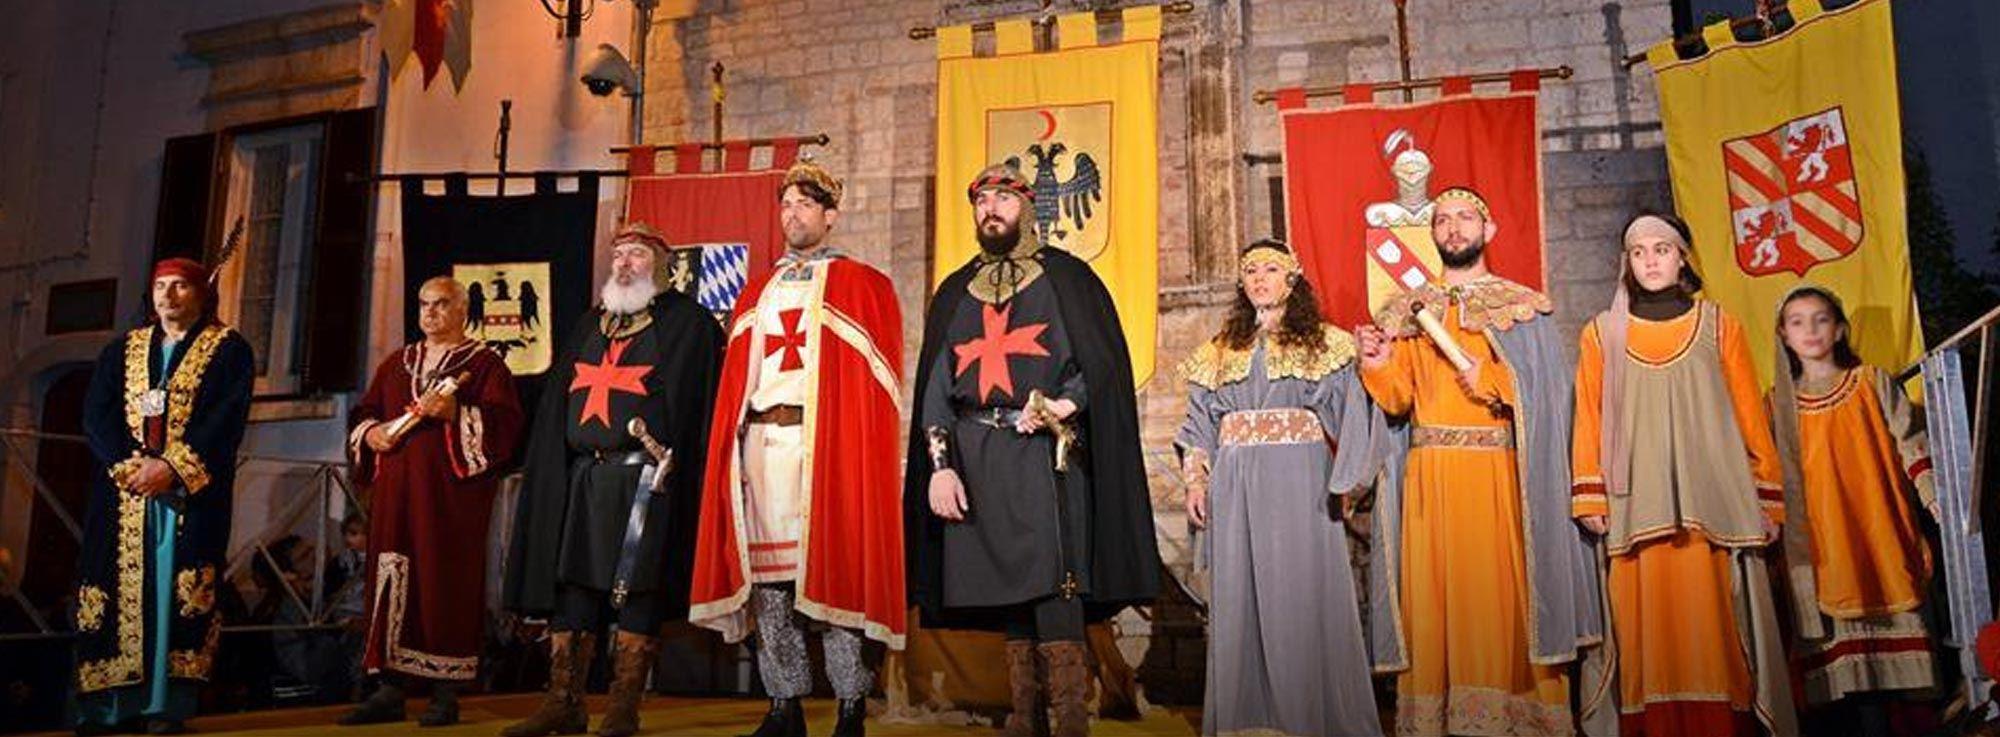 Casamassima: Corteo Storico Corrado IV di Svevia